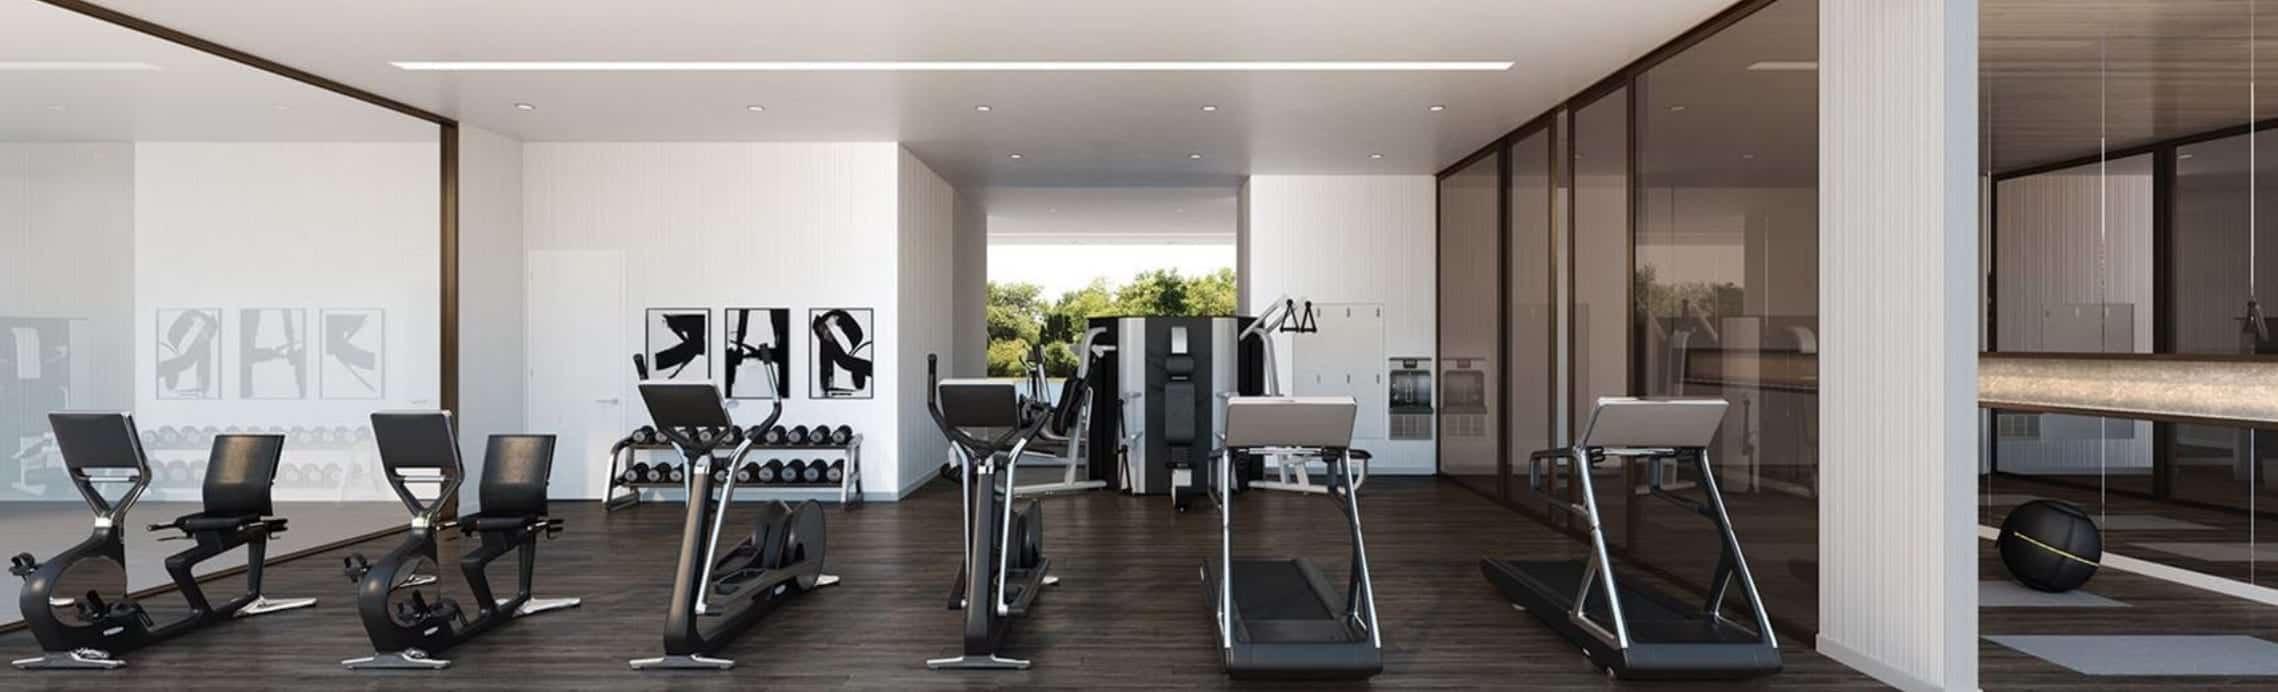 Elgin East Condos Phase 2 Gym Fitness True Condos